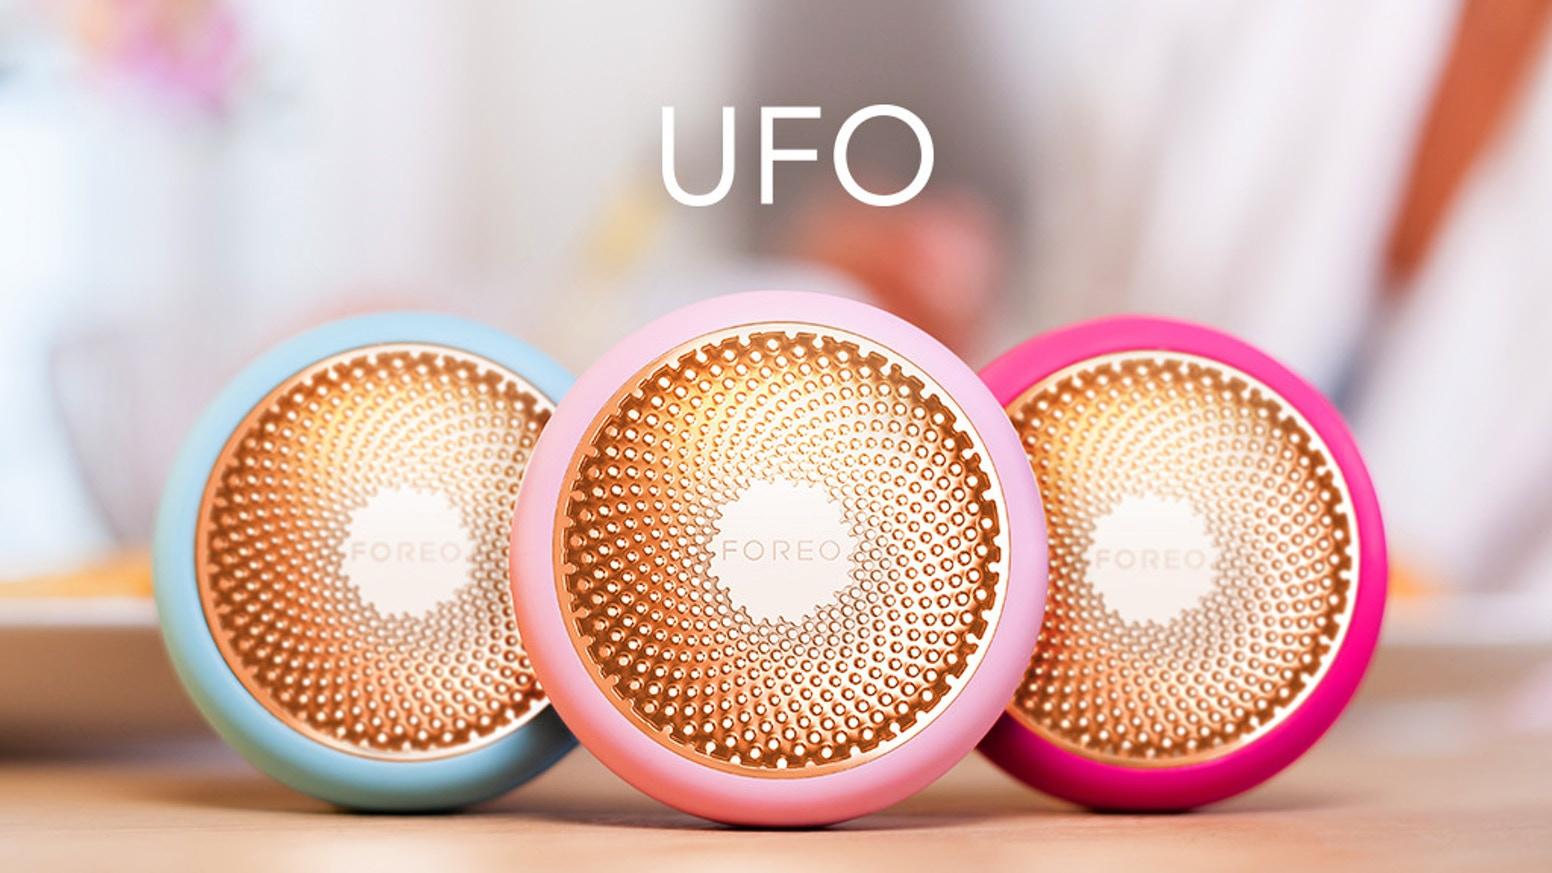 Test de Foreo UFO, le compagnon masqué